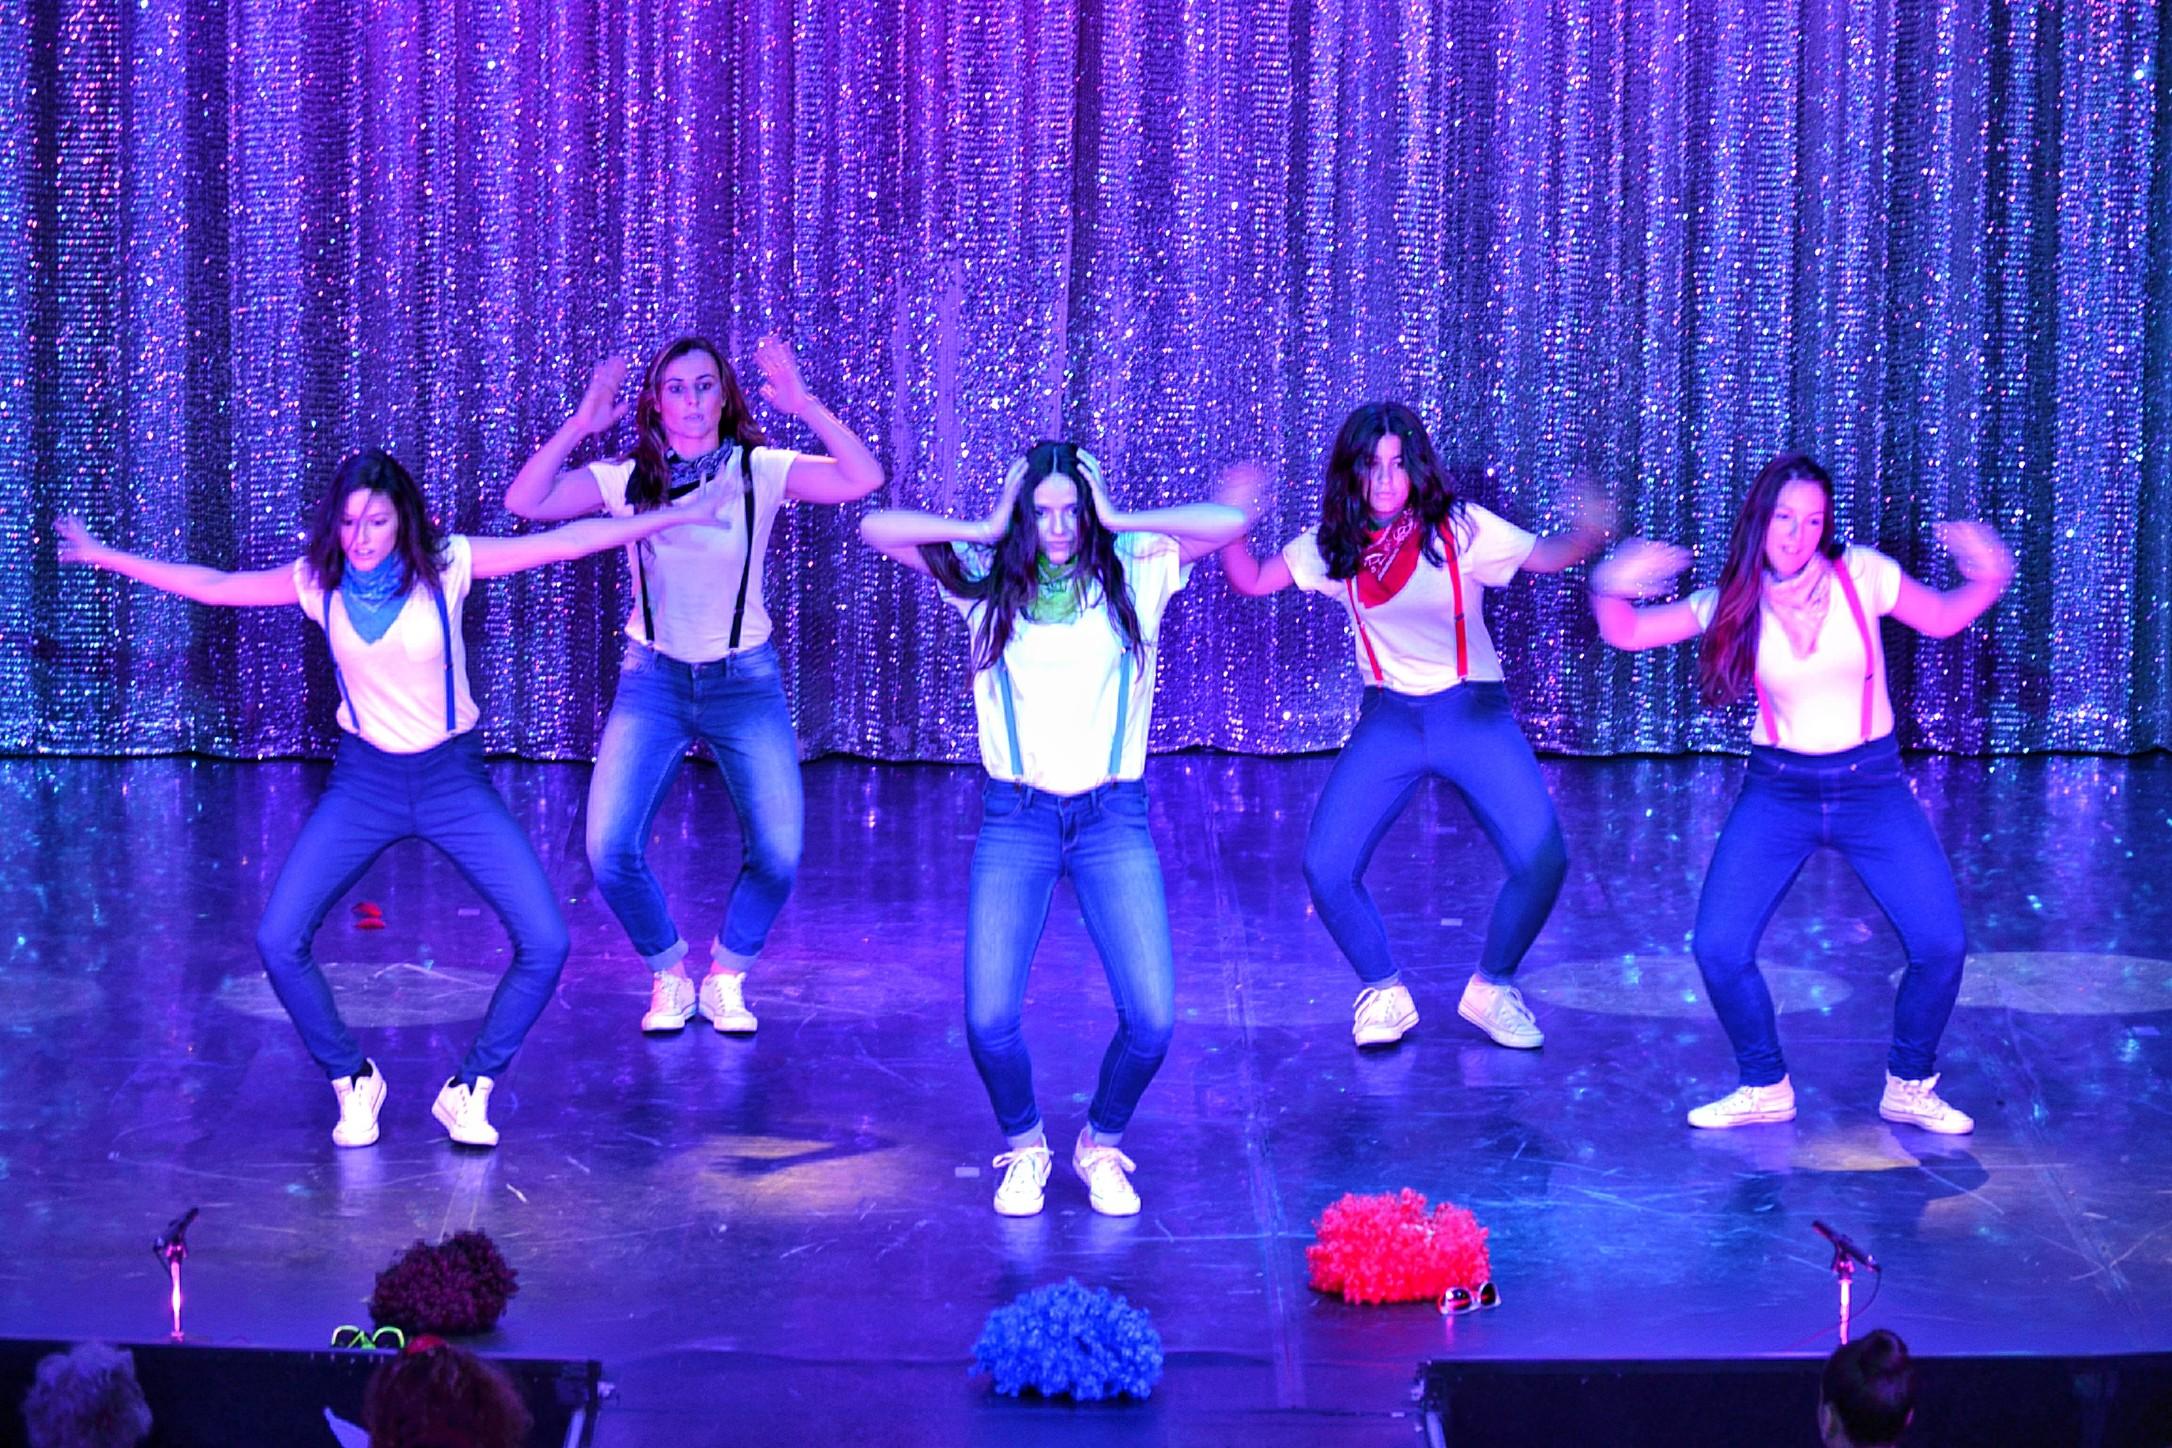 Linea-de-Baile-festival-verano-2015-clases-de-baile-valencia-99